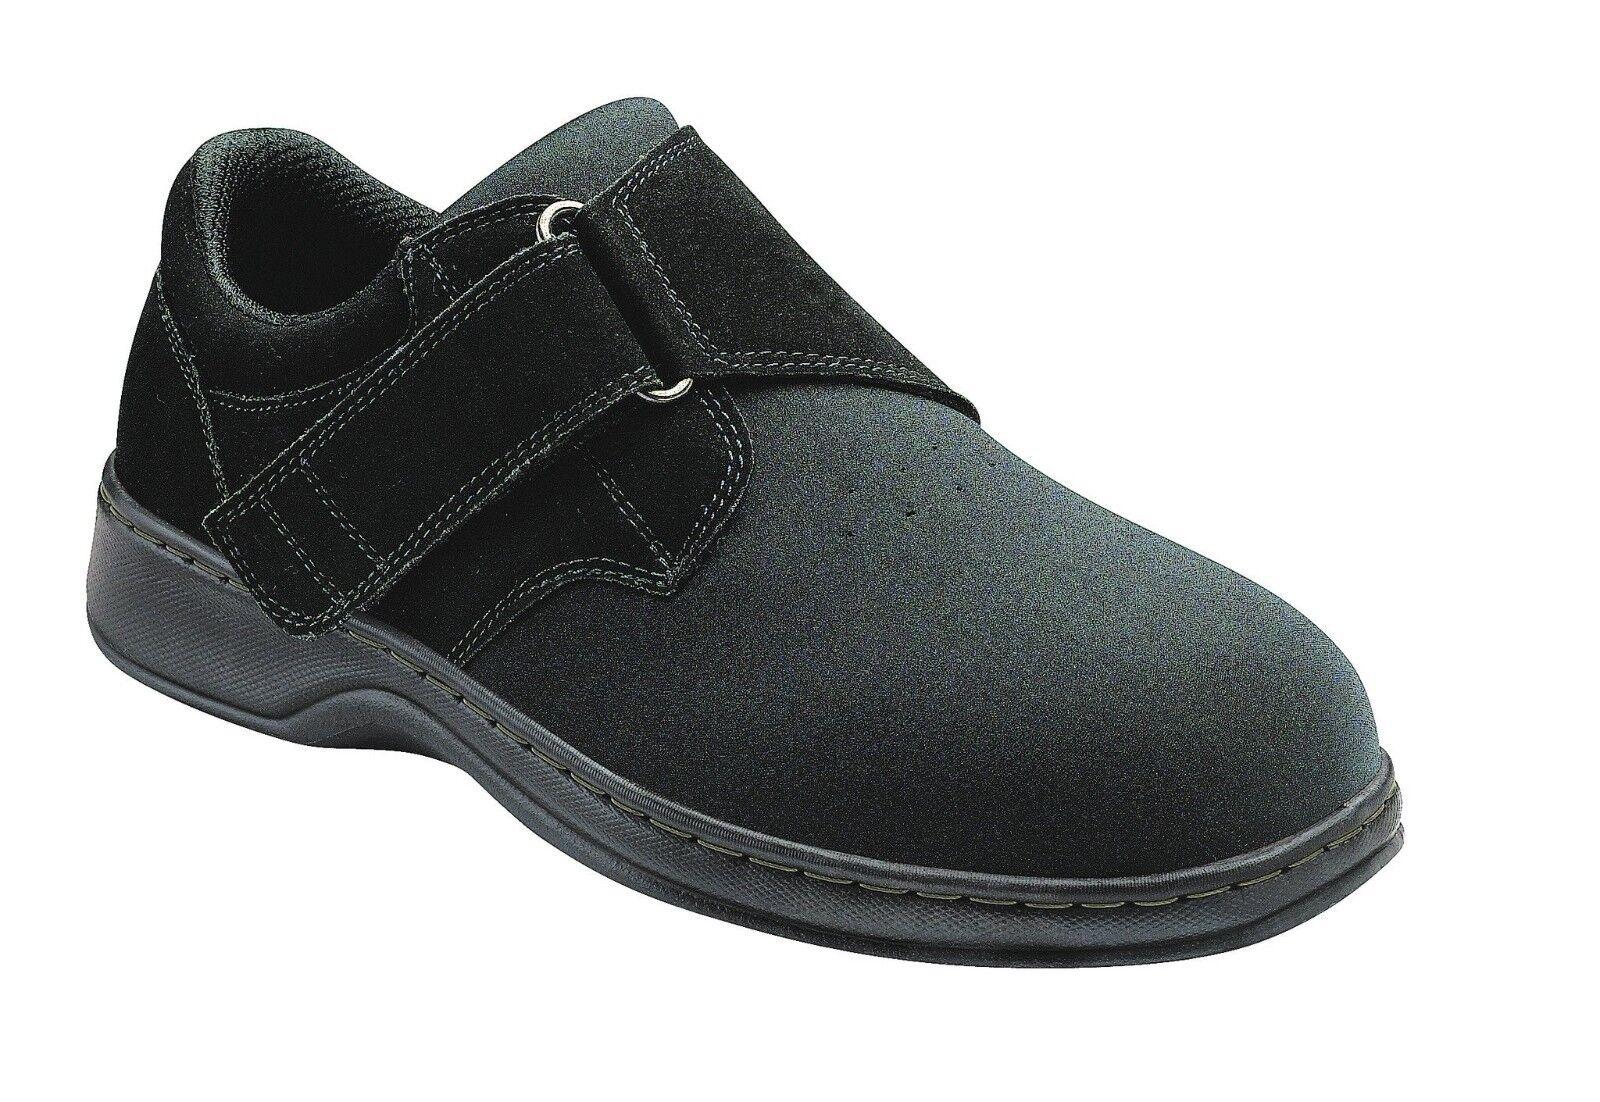 NIB ORTHOFEET Bismarck  525 Hook & Loop Strap Black shoes Men's Size 9 WIDE